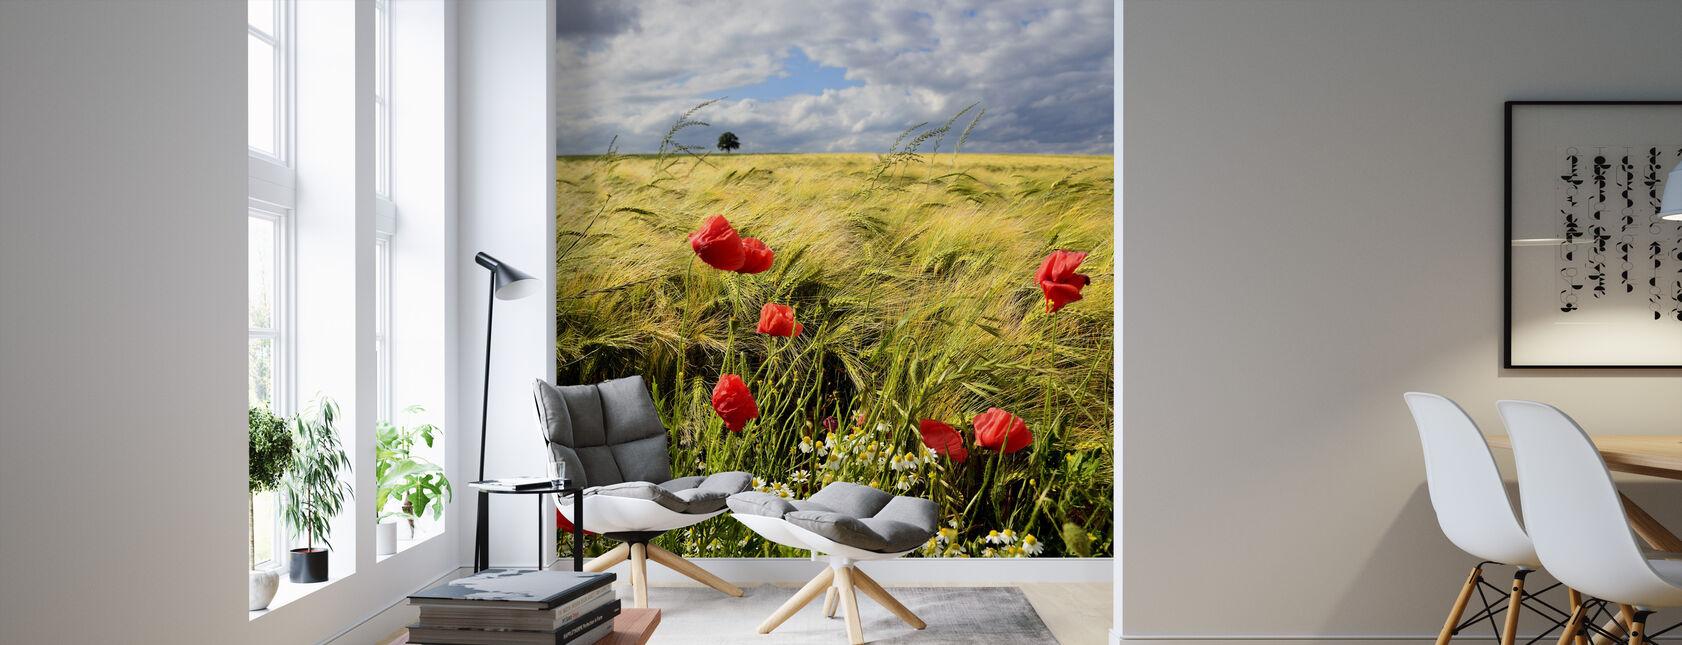 Fluweelachtige gerst en klaprozen veld - Behang - Woonkamer